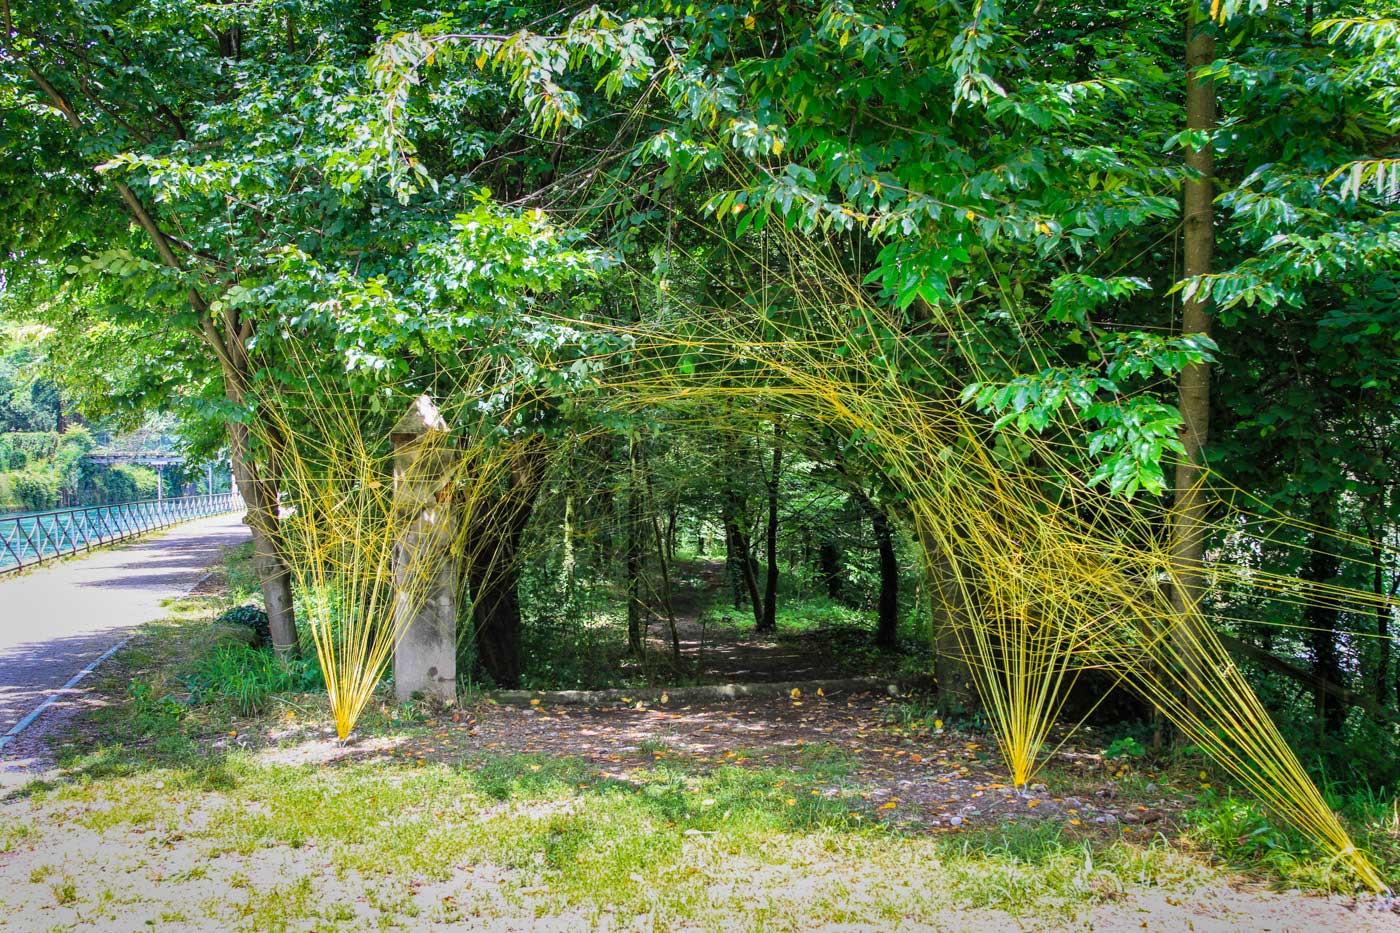 giardino con fili gialli